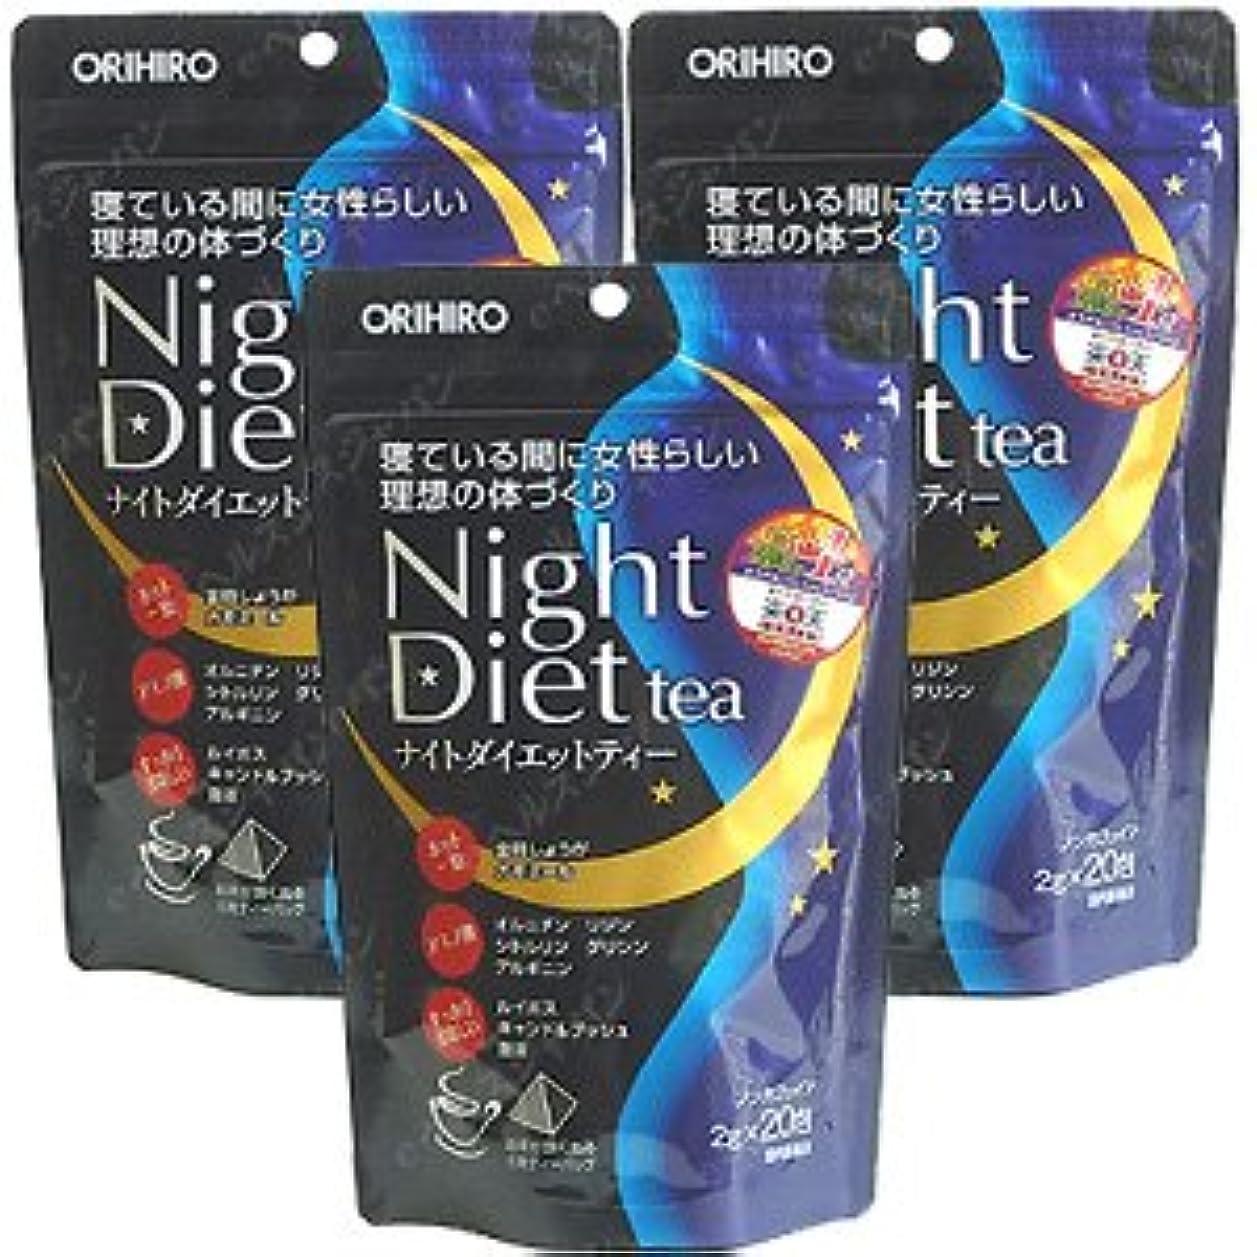 確認するゲート待つオリヒロ ナイトダイエットティー【3袋セット】